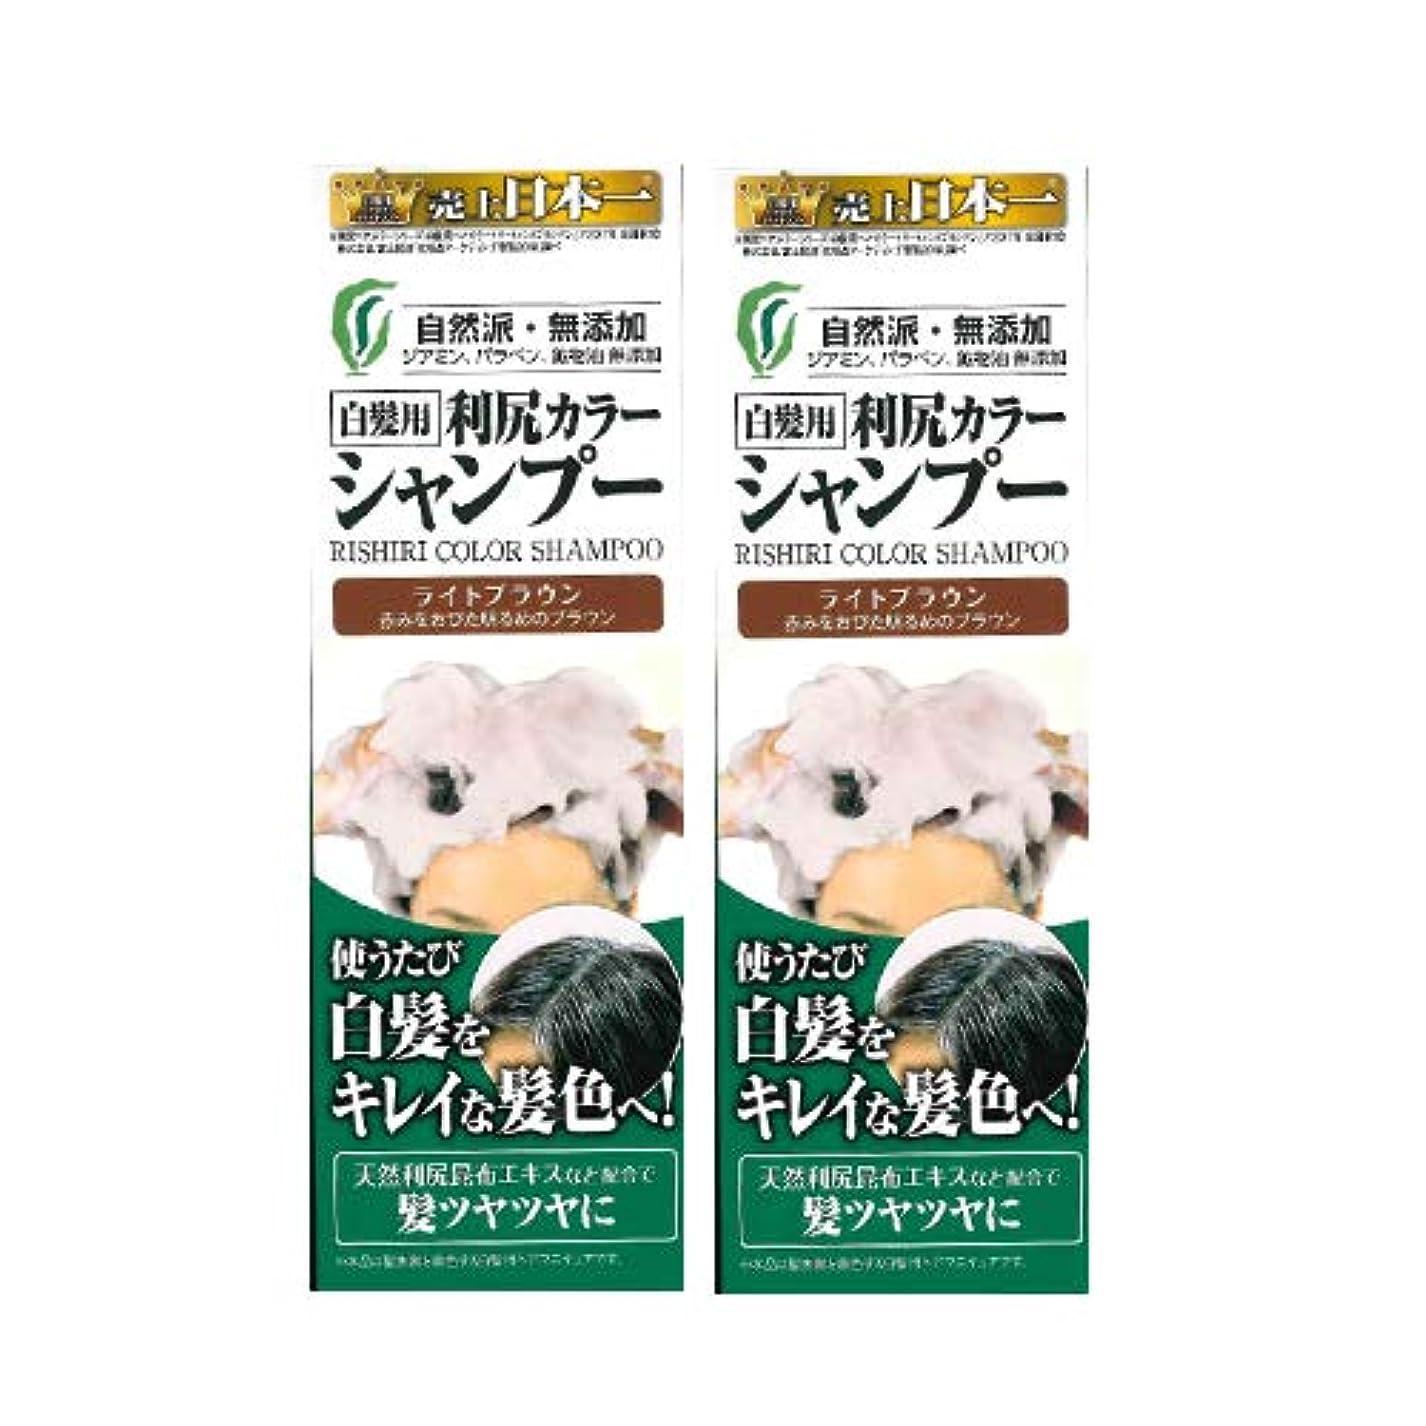 ポルティコ温室祭司利尻カラーシャンプー2本セット(ライトブラウン)